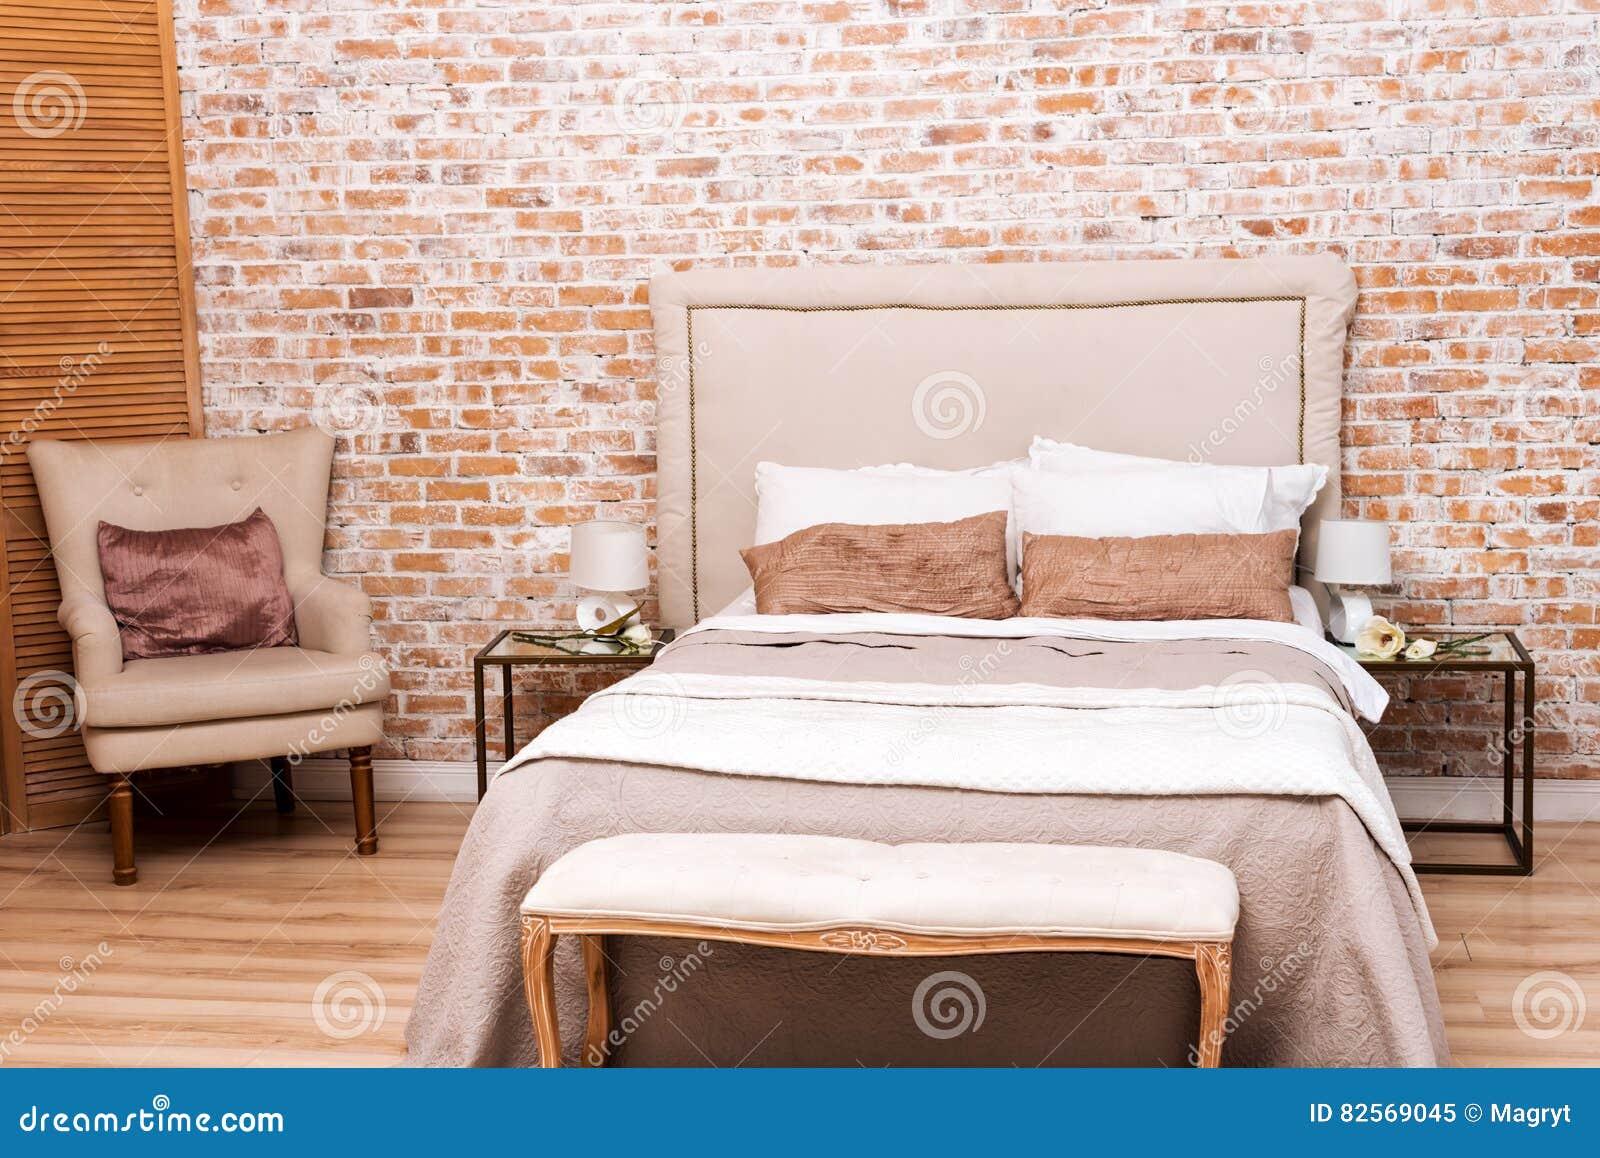 Poltrone da muro gancio da fissare a muro con tasselli per appendere sedie bella camera da - Camera da letto del papa ...